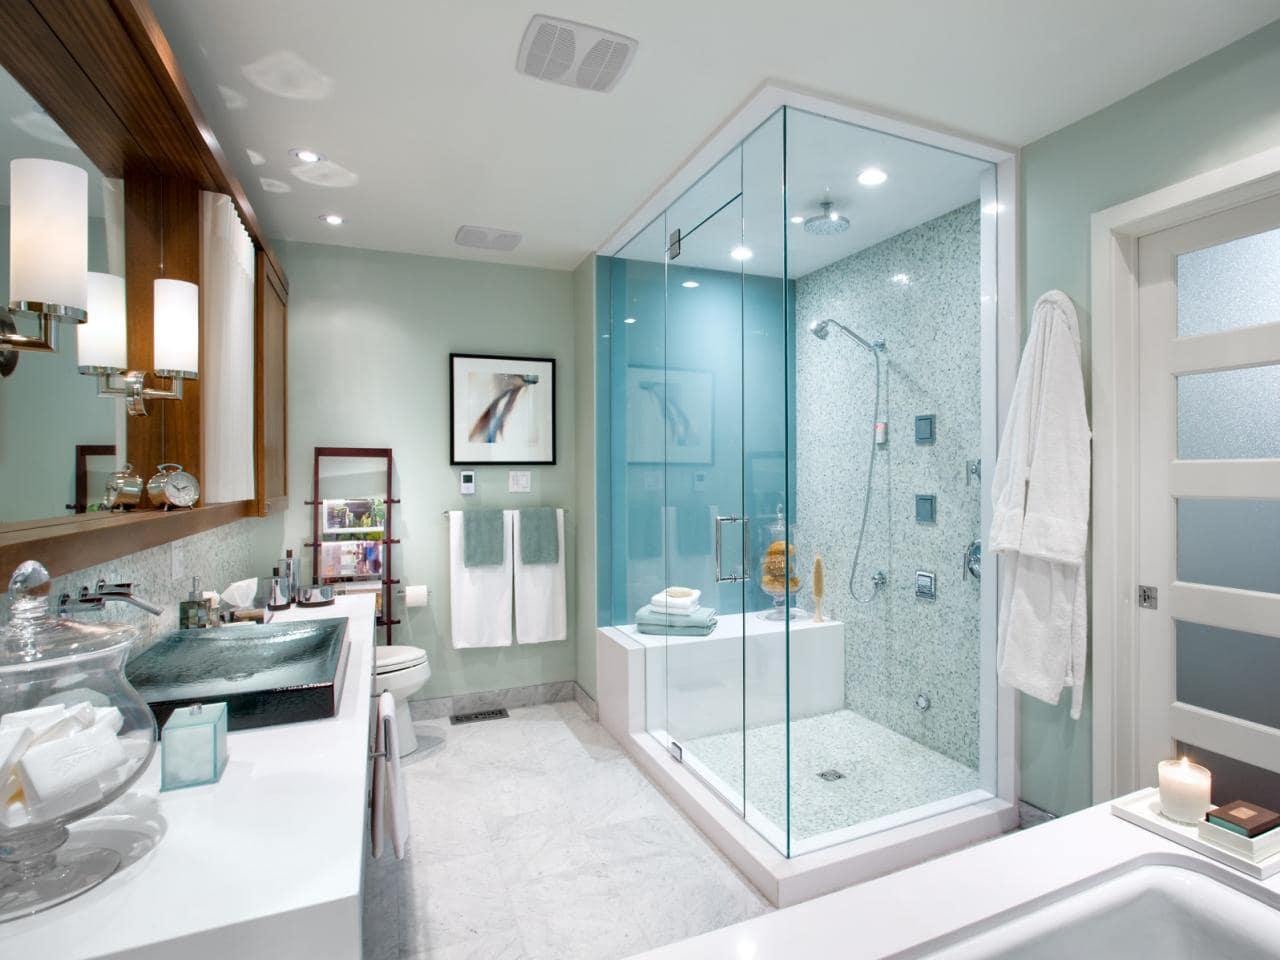 Thiết kế đèn led âm trần lắp đặt cho phòng tắm